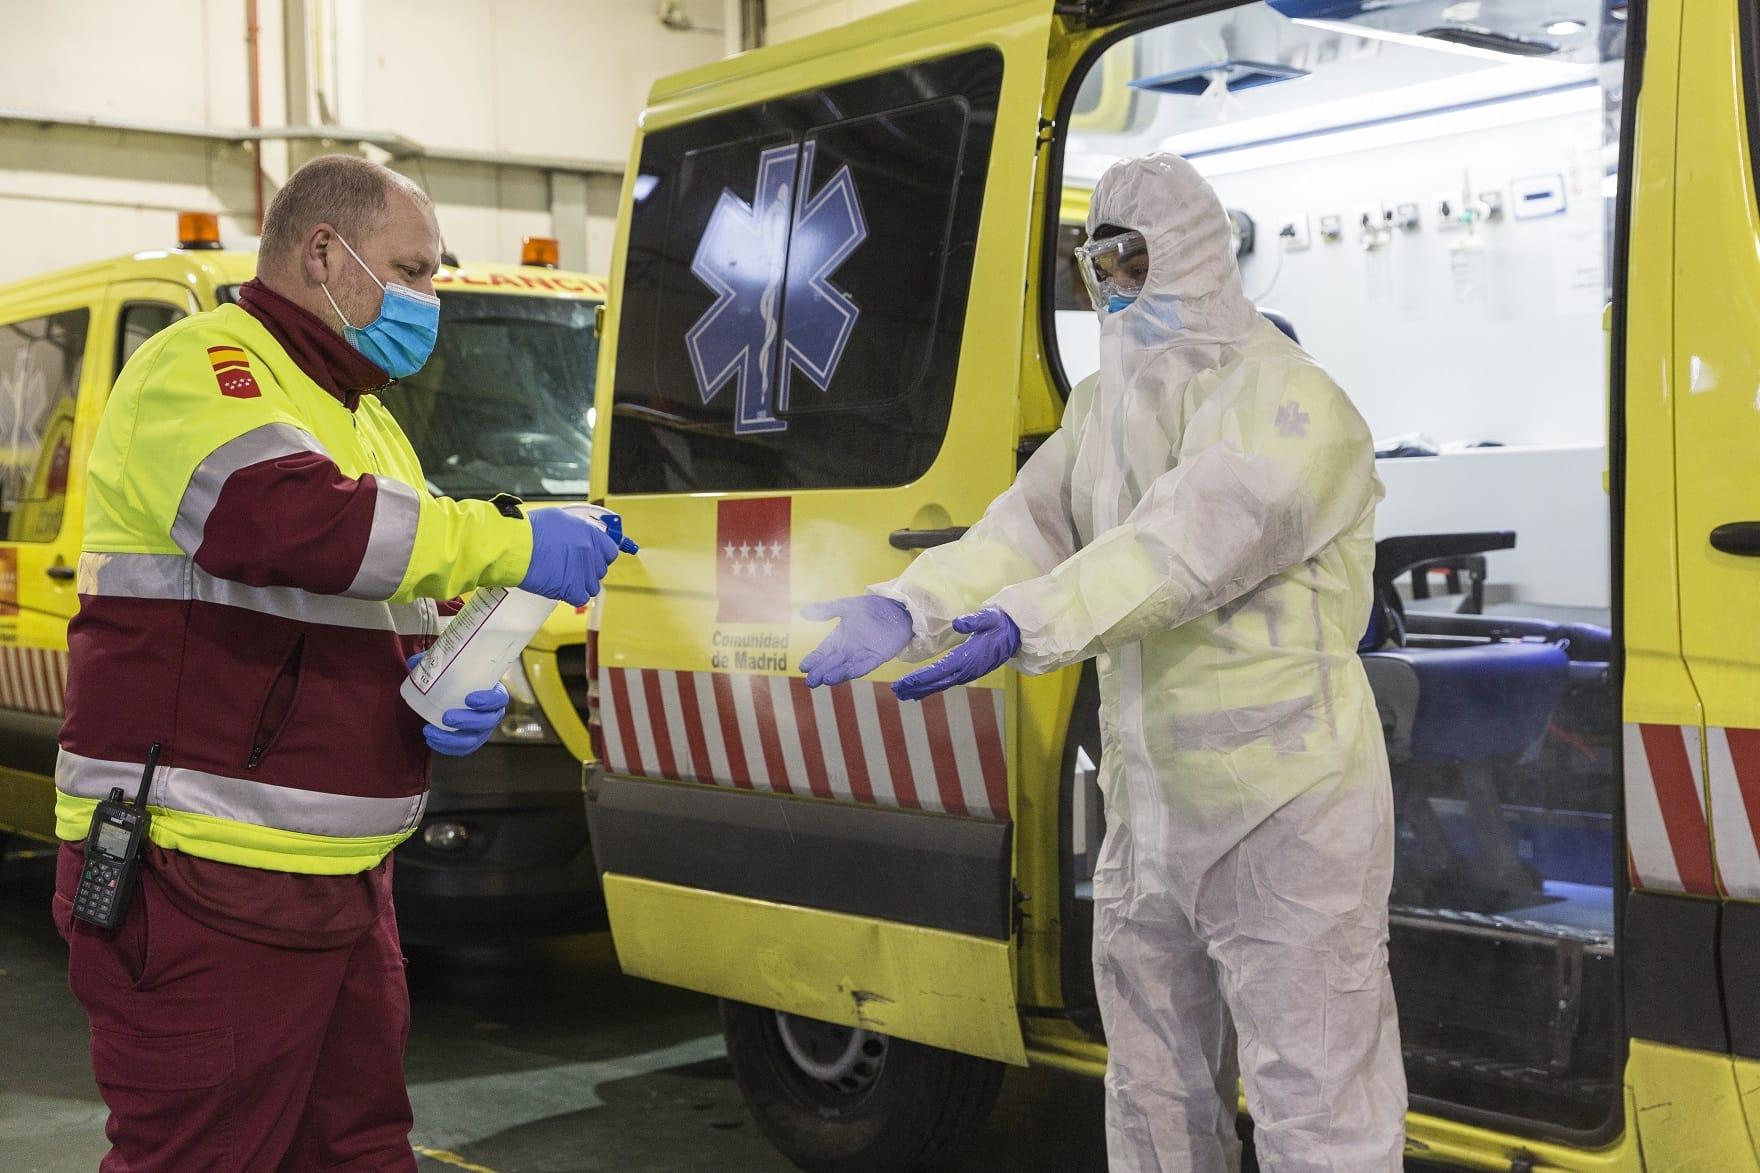 Pripadnik bolničkog obezbeđenja prska aspesolom ruke medicinskog radnika u zaštitnom odelu u Madridu (Foto: ferrovial.com)